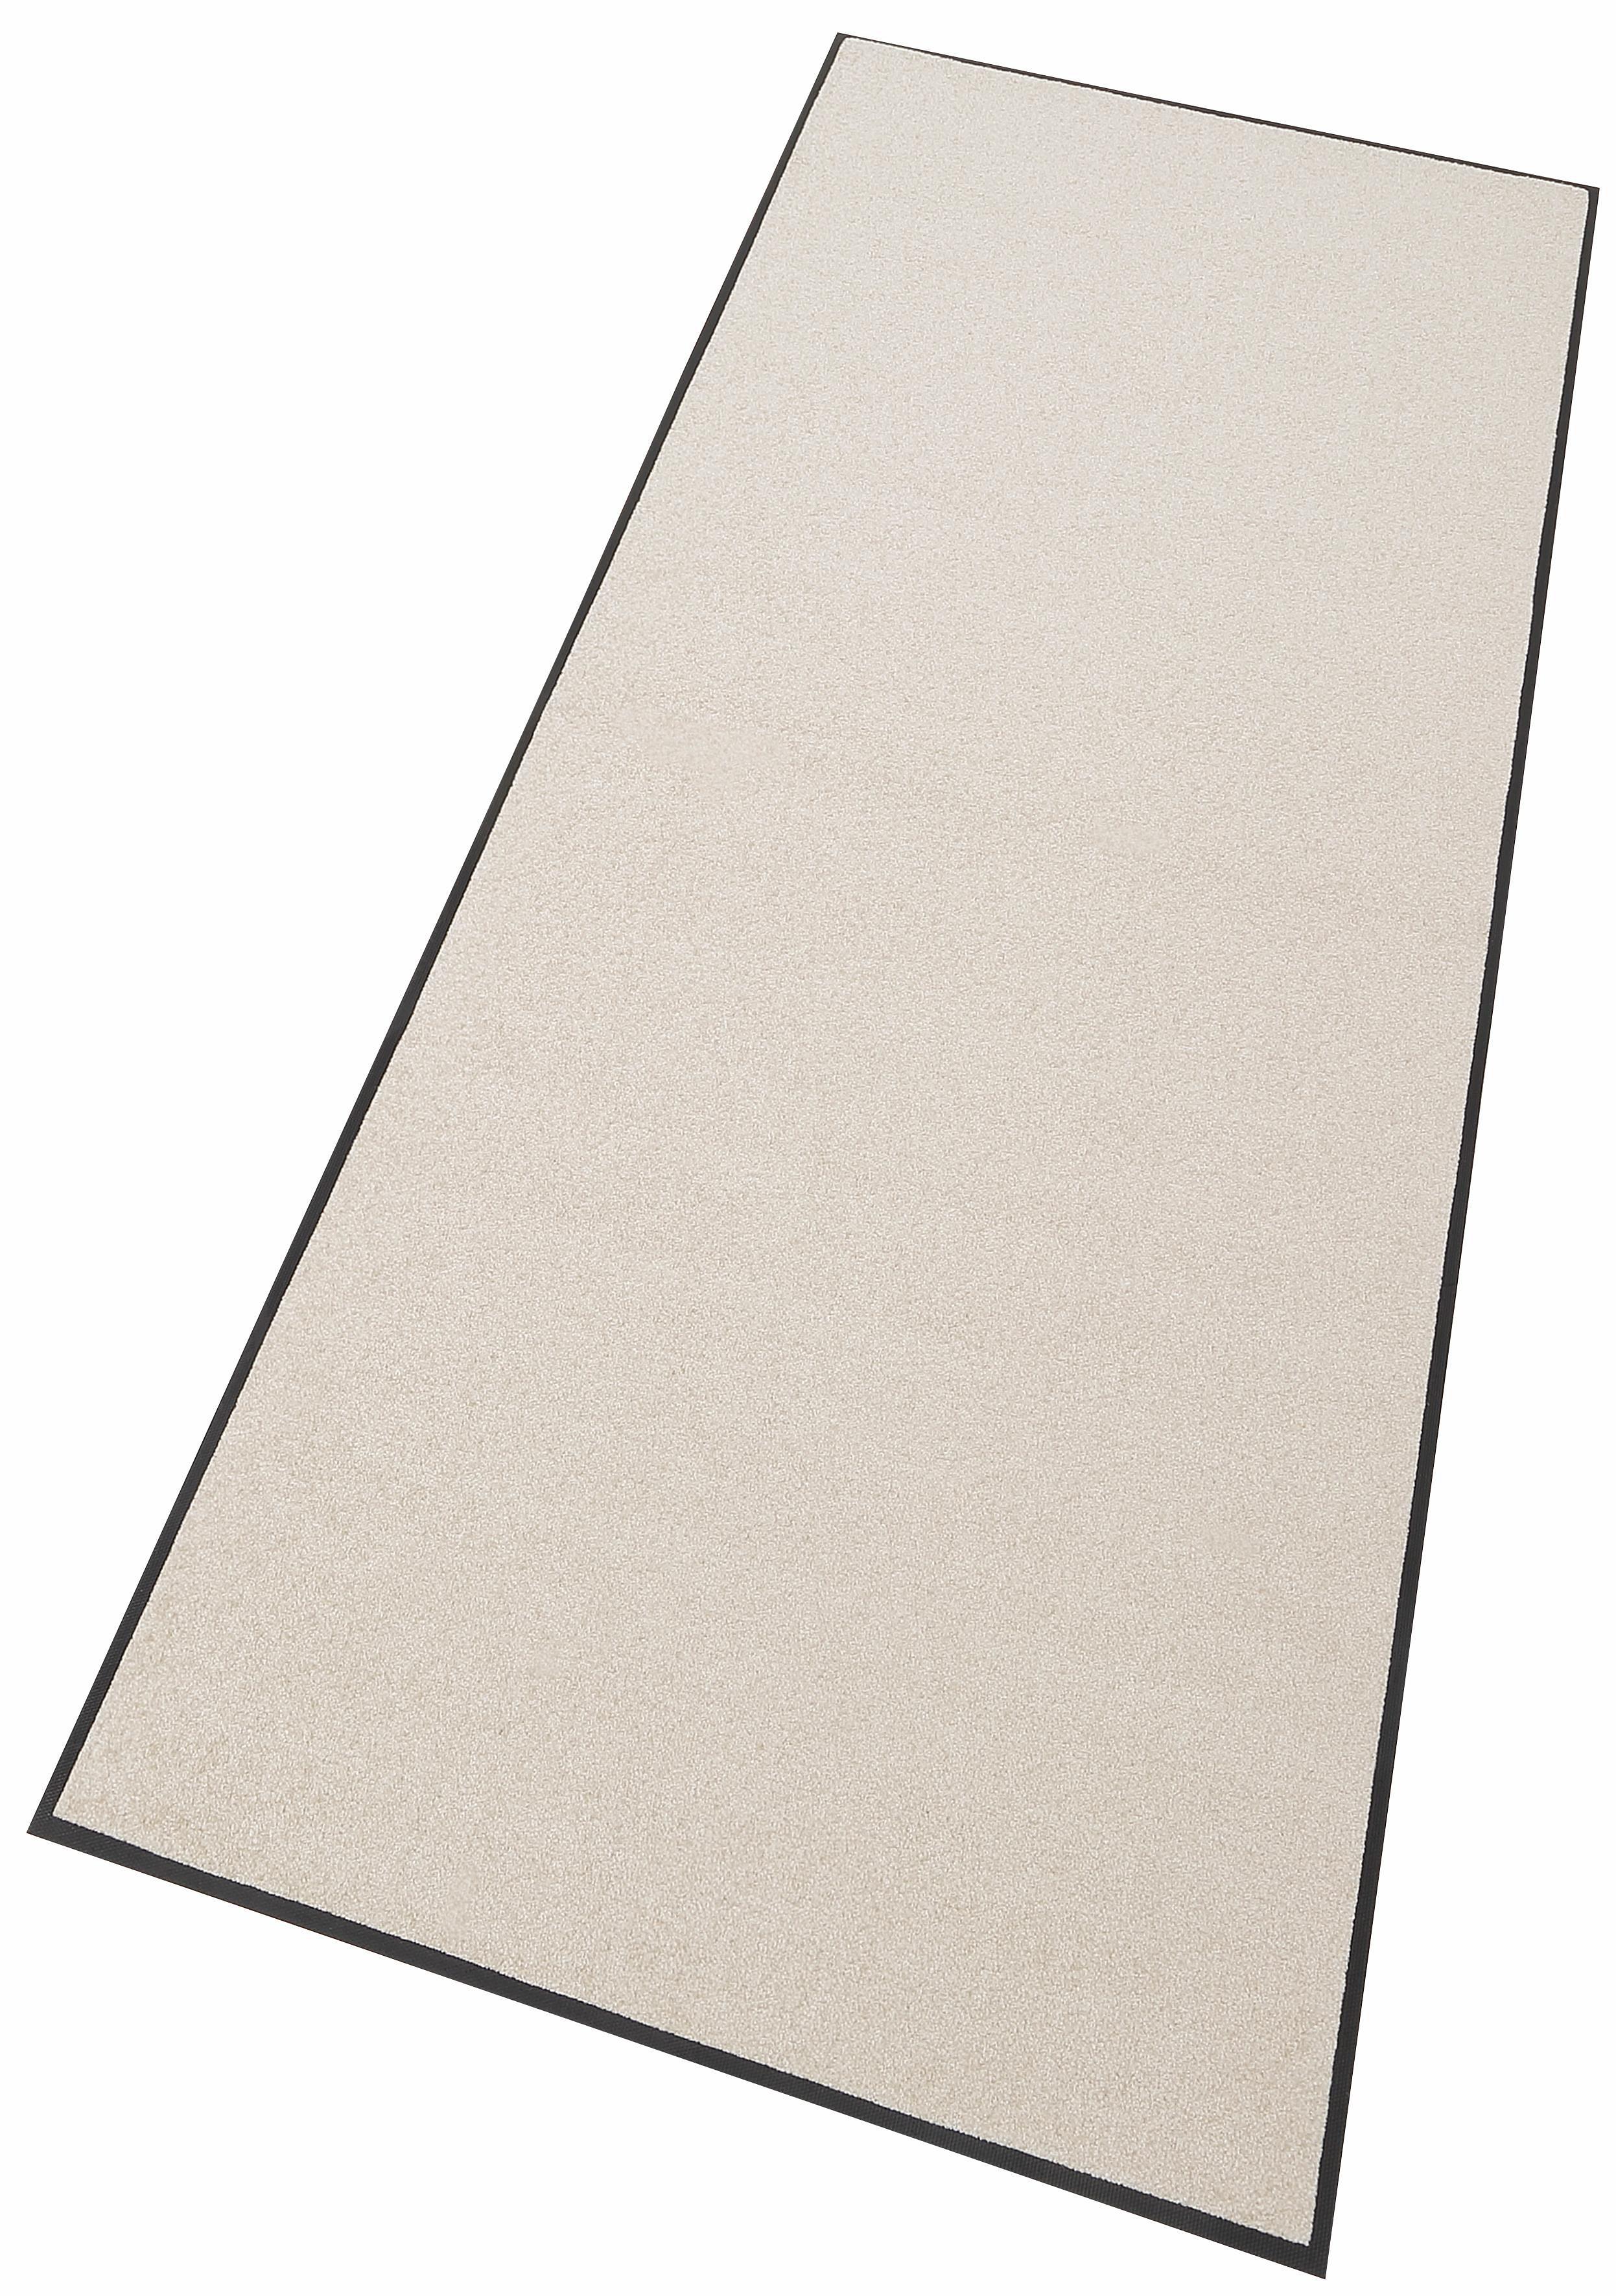 Läufer Trend Uni wash+dry by Kleen-Tex rechteckig Höhe 7 mm gedruckt